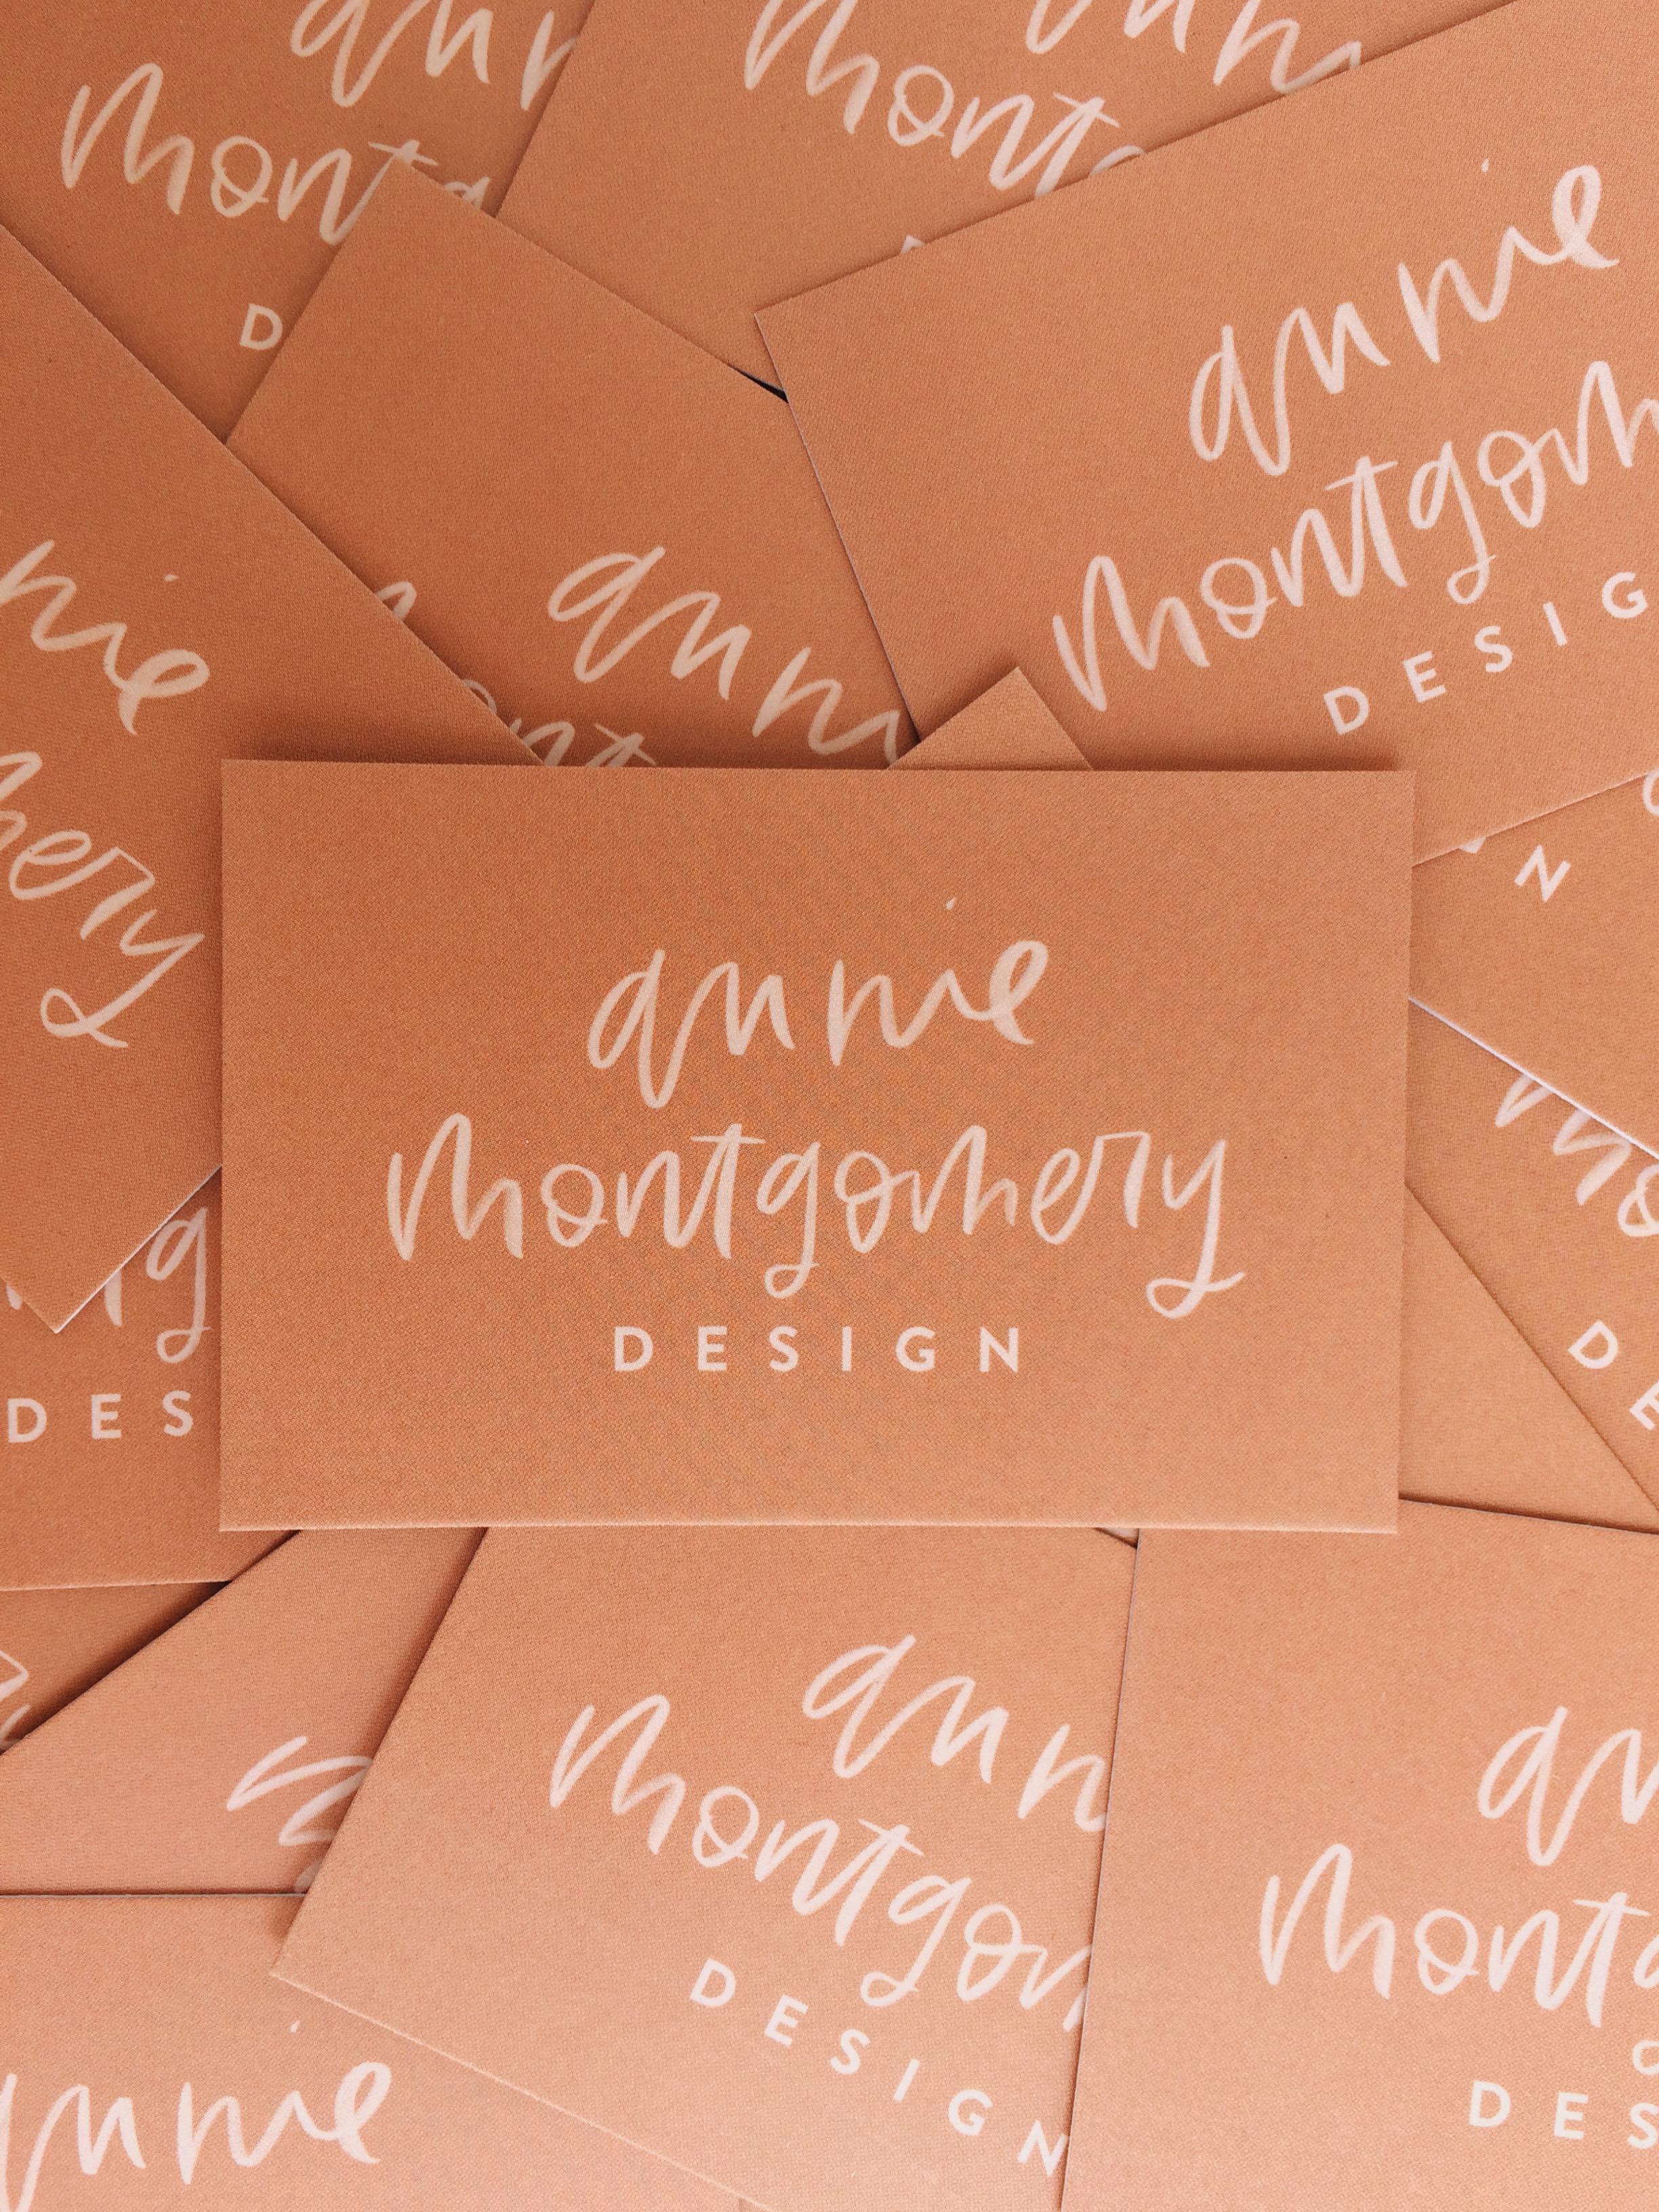 Annie Montgomery Design Business Cards